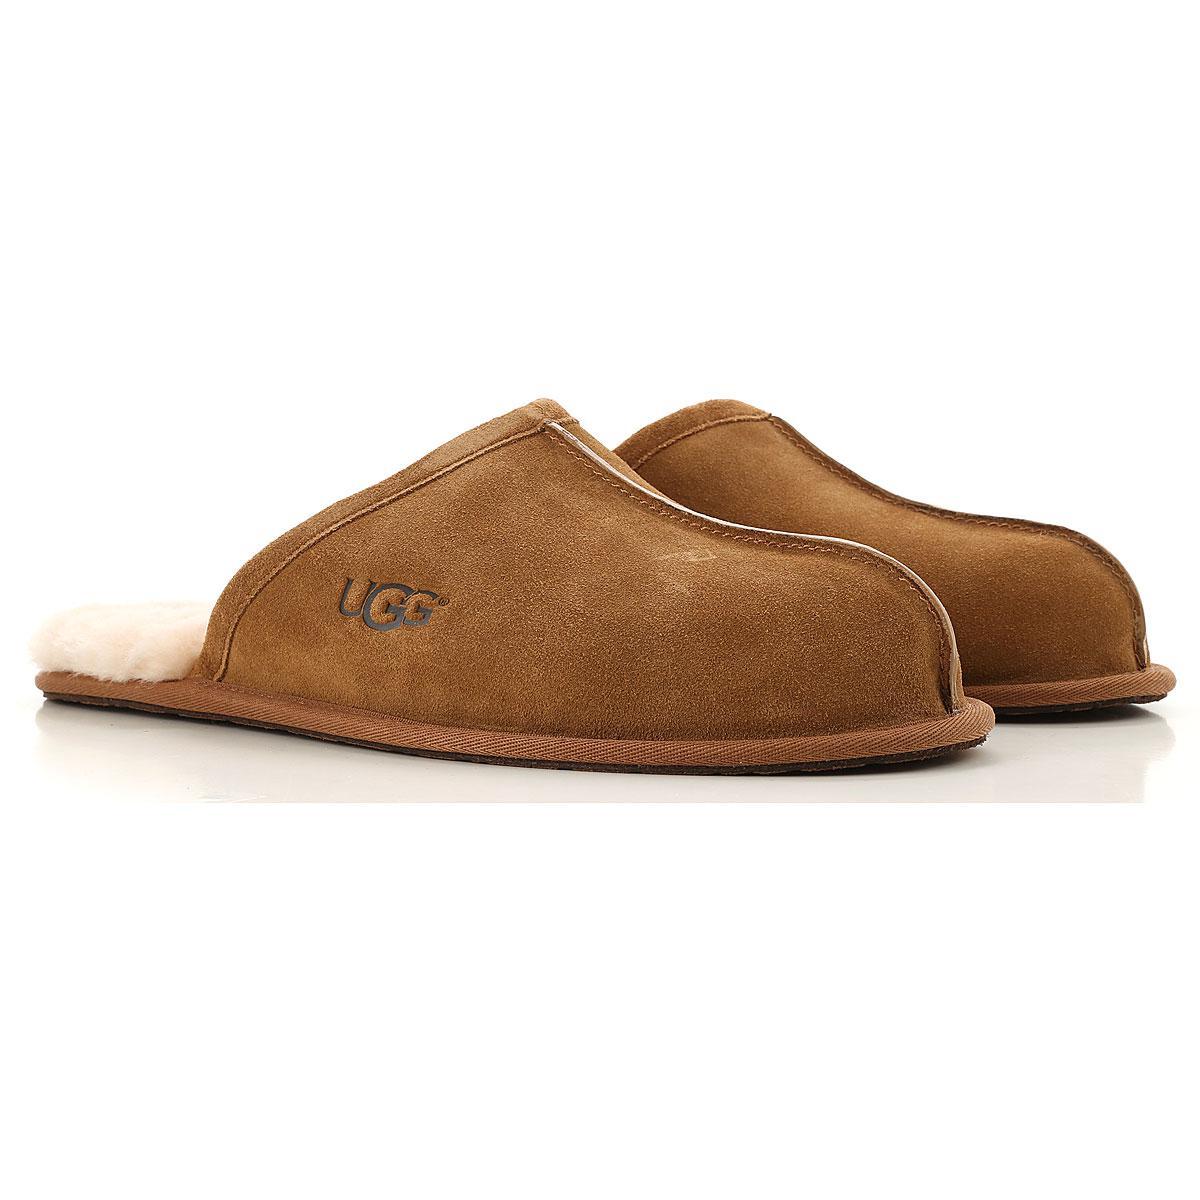 31f80517918 Lyst - Ugg Sandals For Men On Sale in Brown for Men